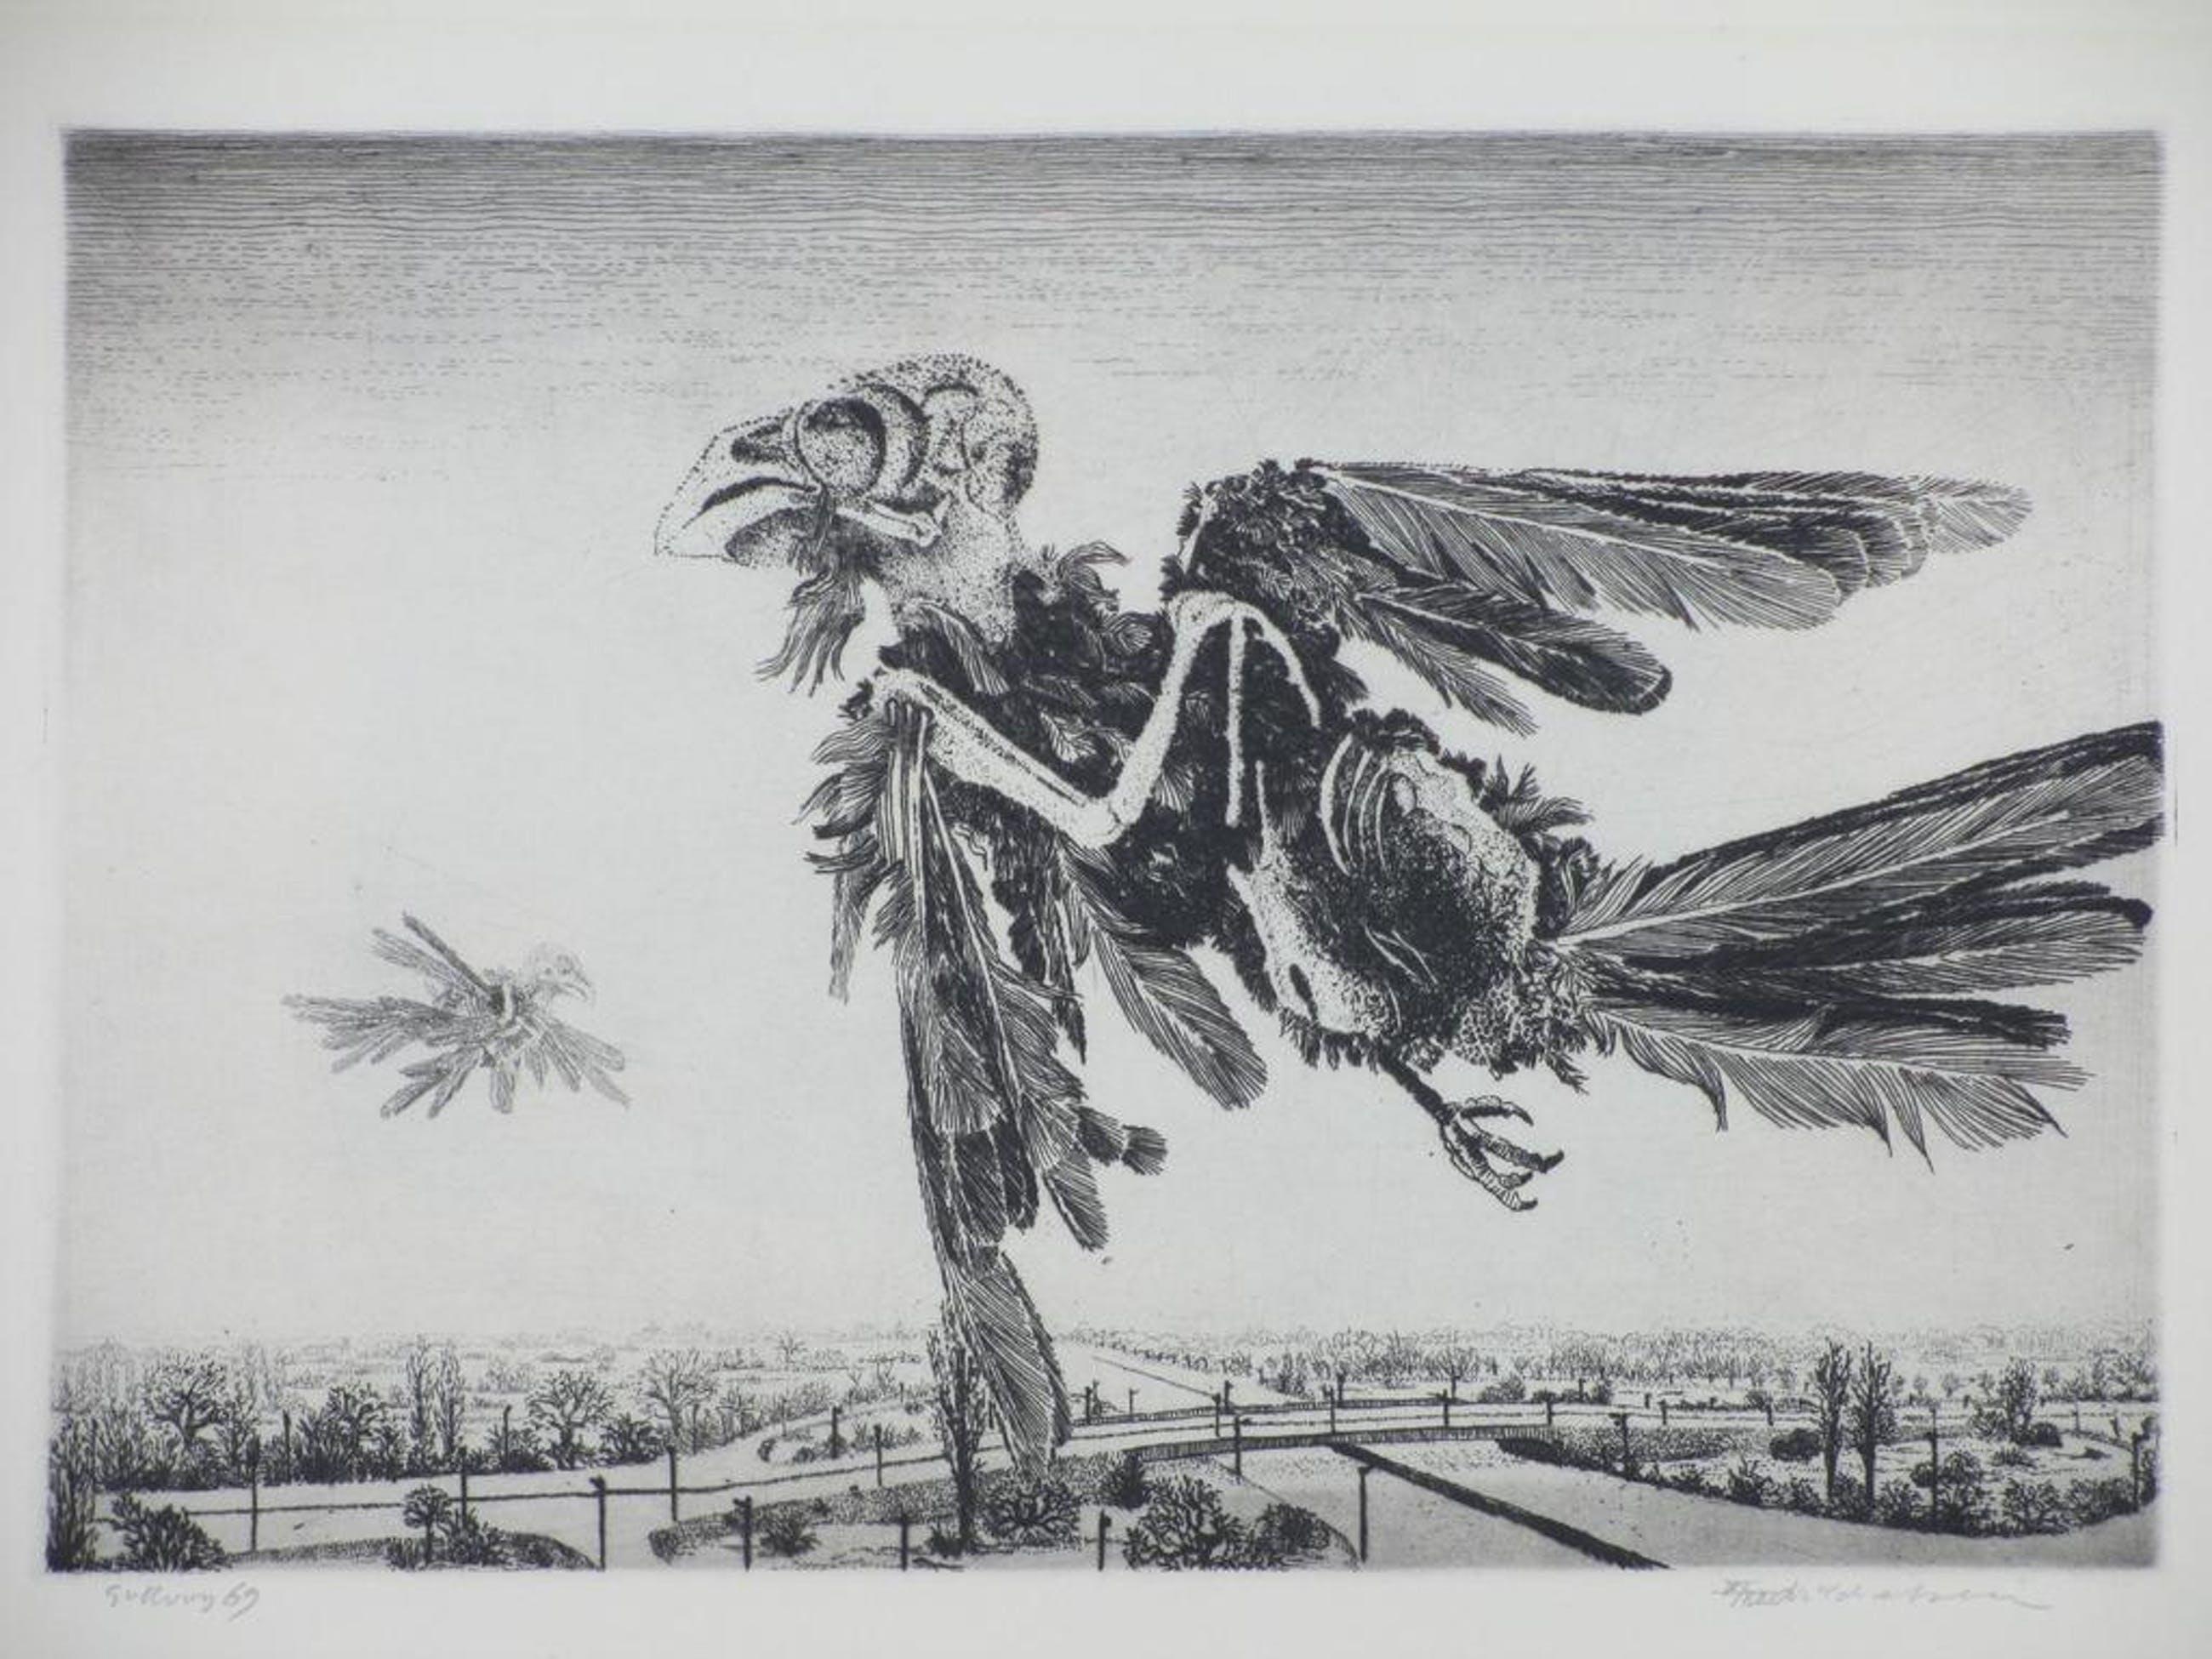 Gerard van Rooy, Vliegend vogelskelet, Ets 1969 kopen? Bied vanaf 75!